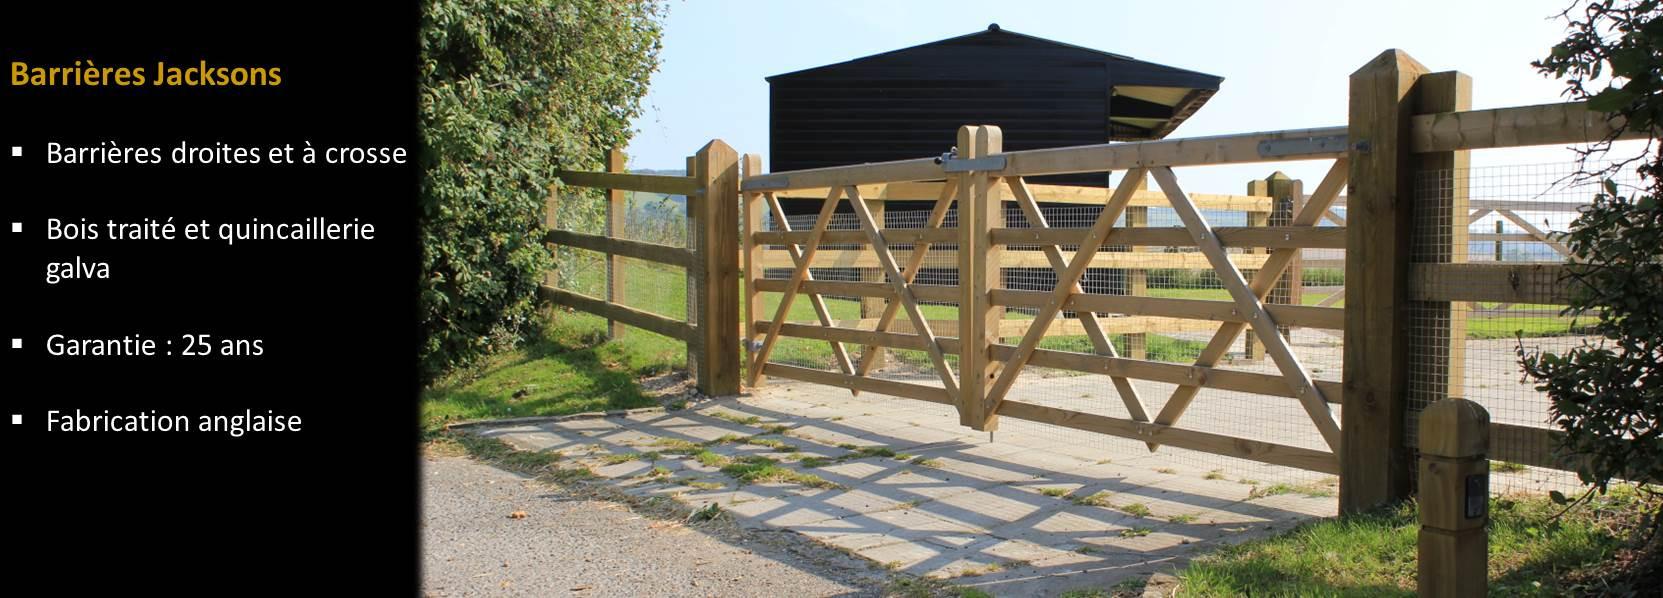 Barrières anglaises et à crosse, piliers en pin traité Classe IV pour des portes à simple ou double vantail esthétiques et durables.  Pin issu de filières bois FSC et PEFC. Traitement spécifique Jackure sur bois sec à 18% avant traitement